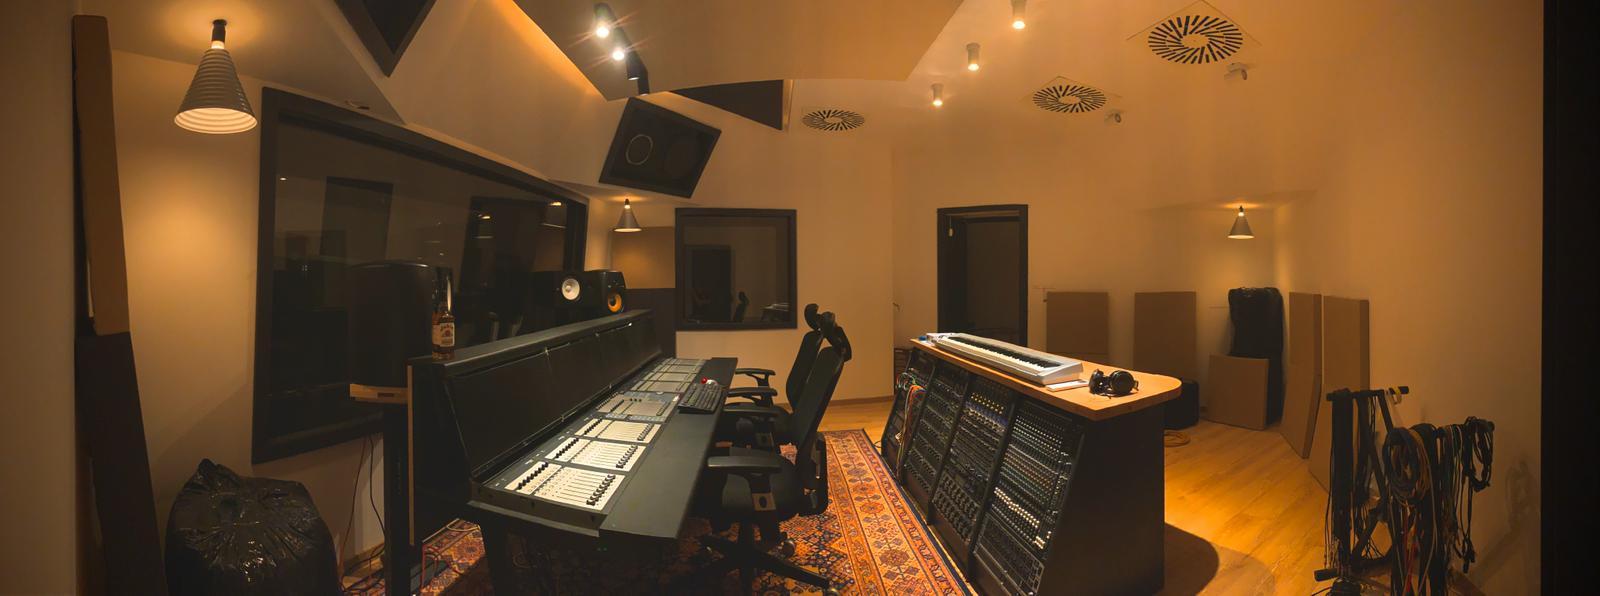 P9 felvételi stúdió Pozsonyban, Szlovákiában